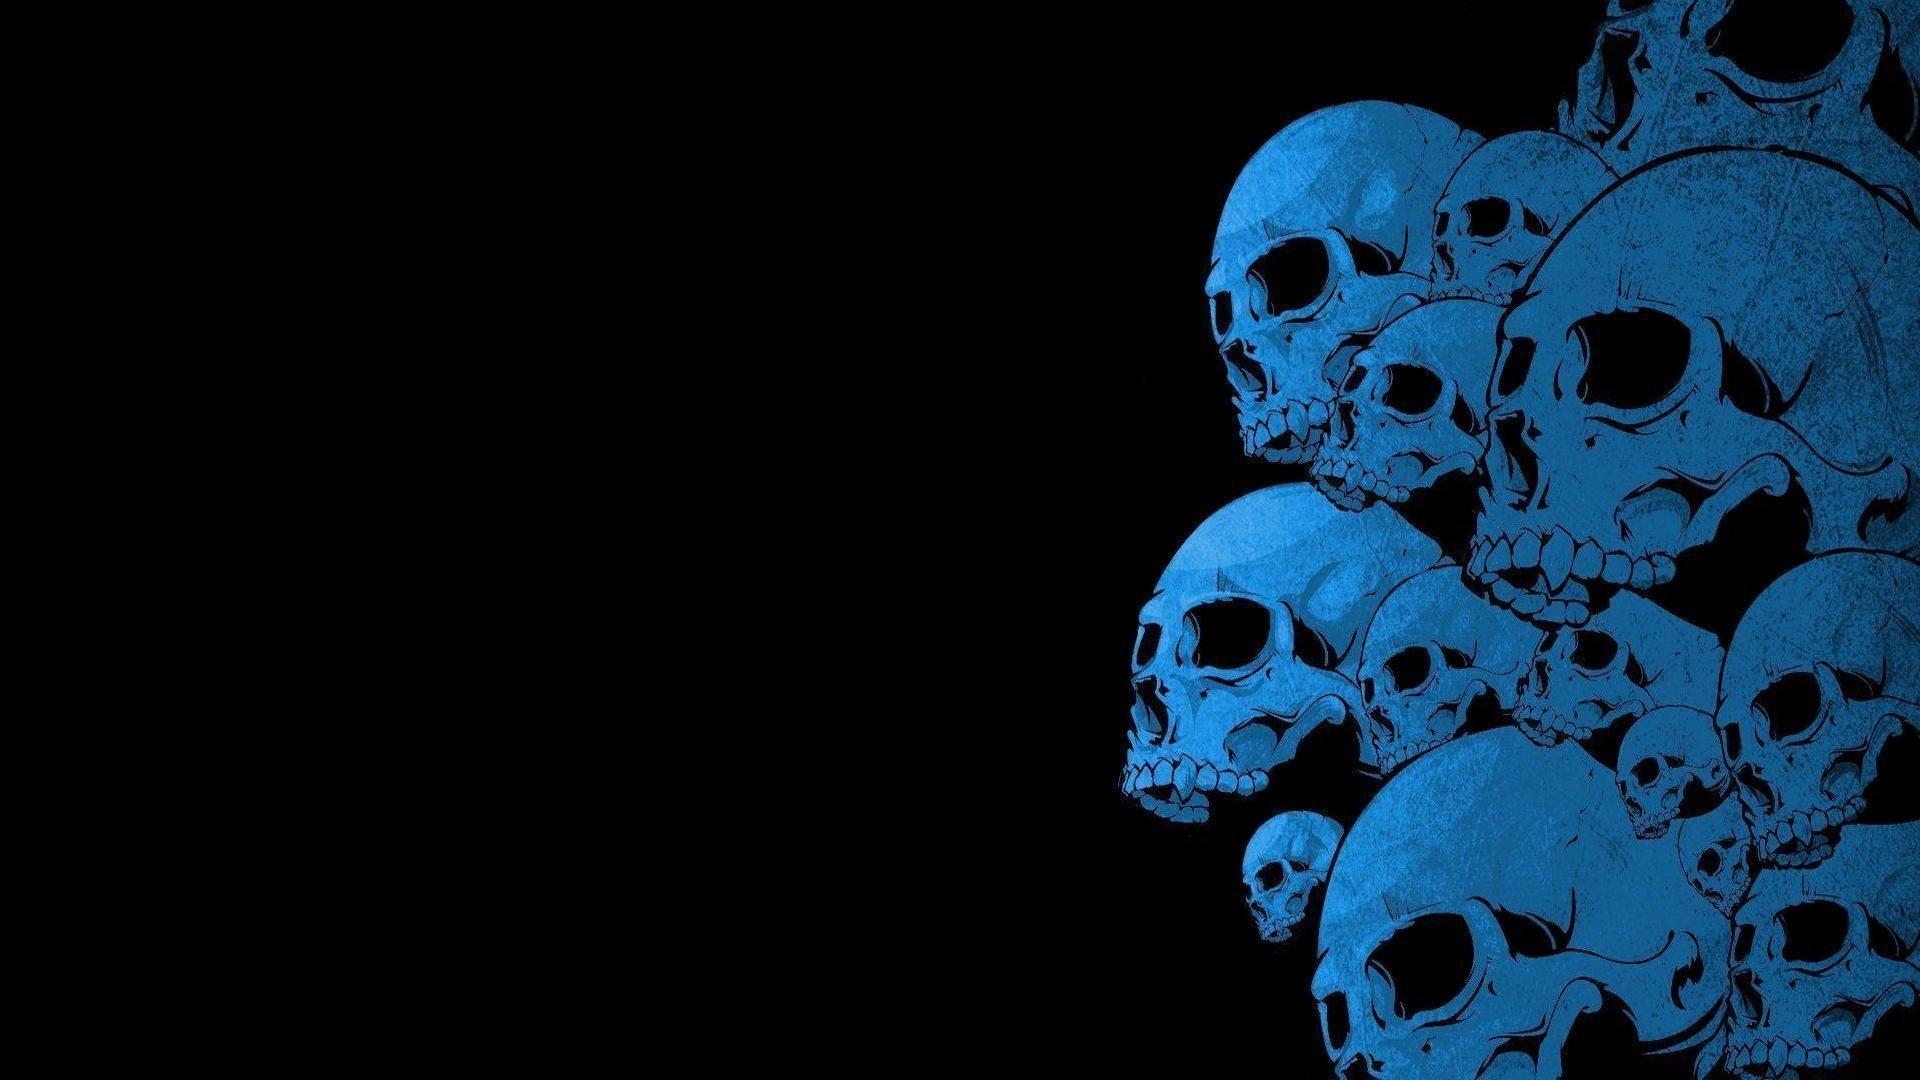 Punisher wallpaper skull - Skull 4k images ...